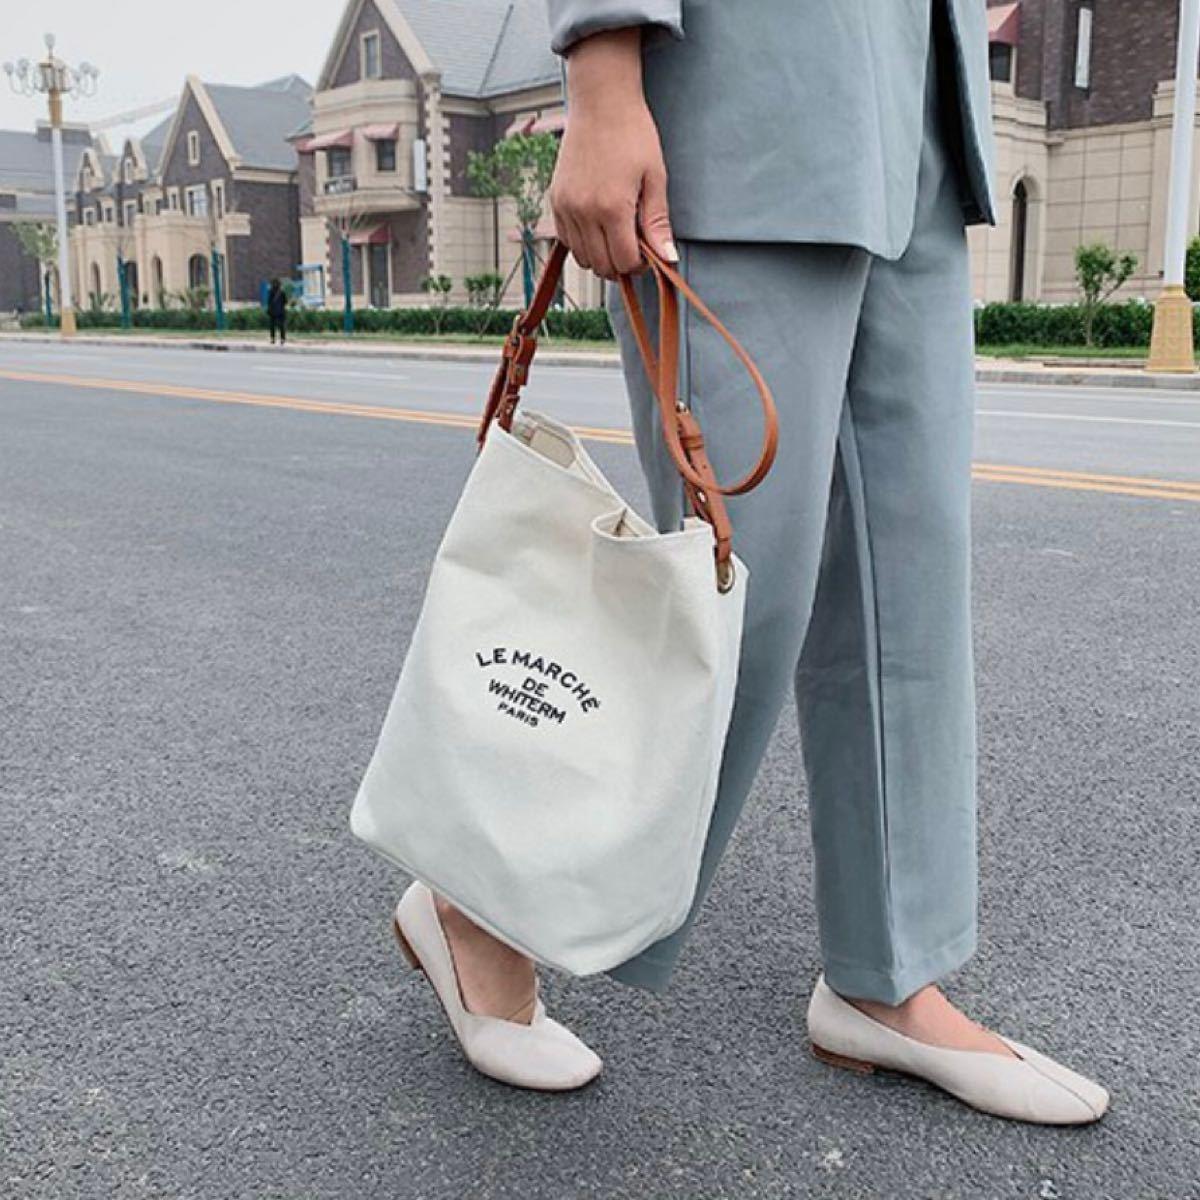 キャンバスバッグ  トートバッグ ショルダーバッグ 韓国 通学 ブラウン 白 ポーチ ベジバッグ